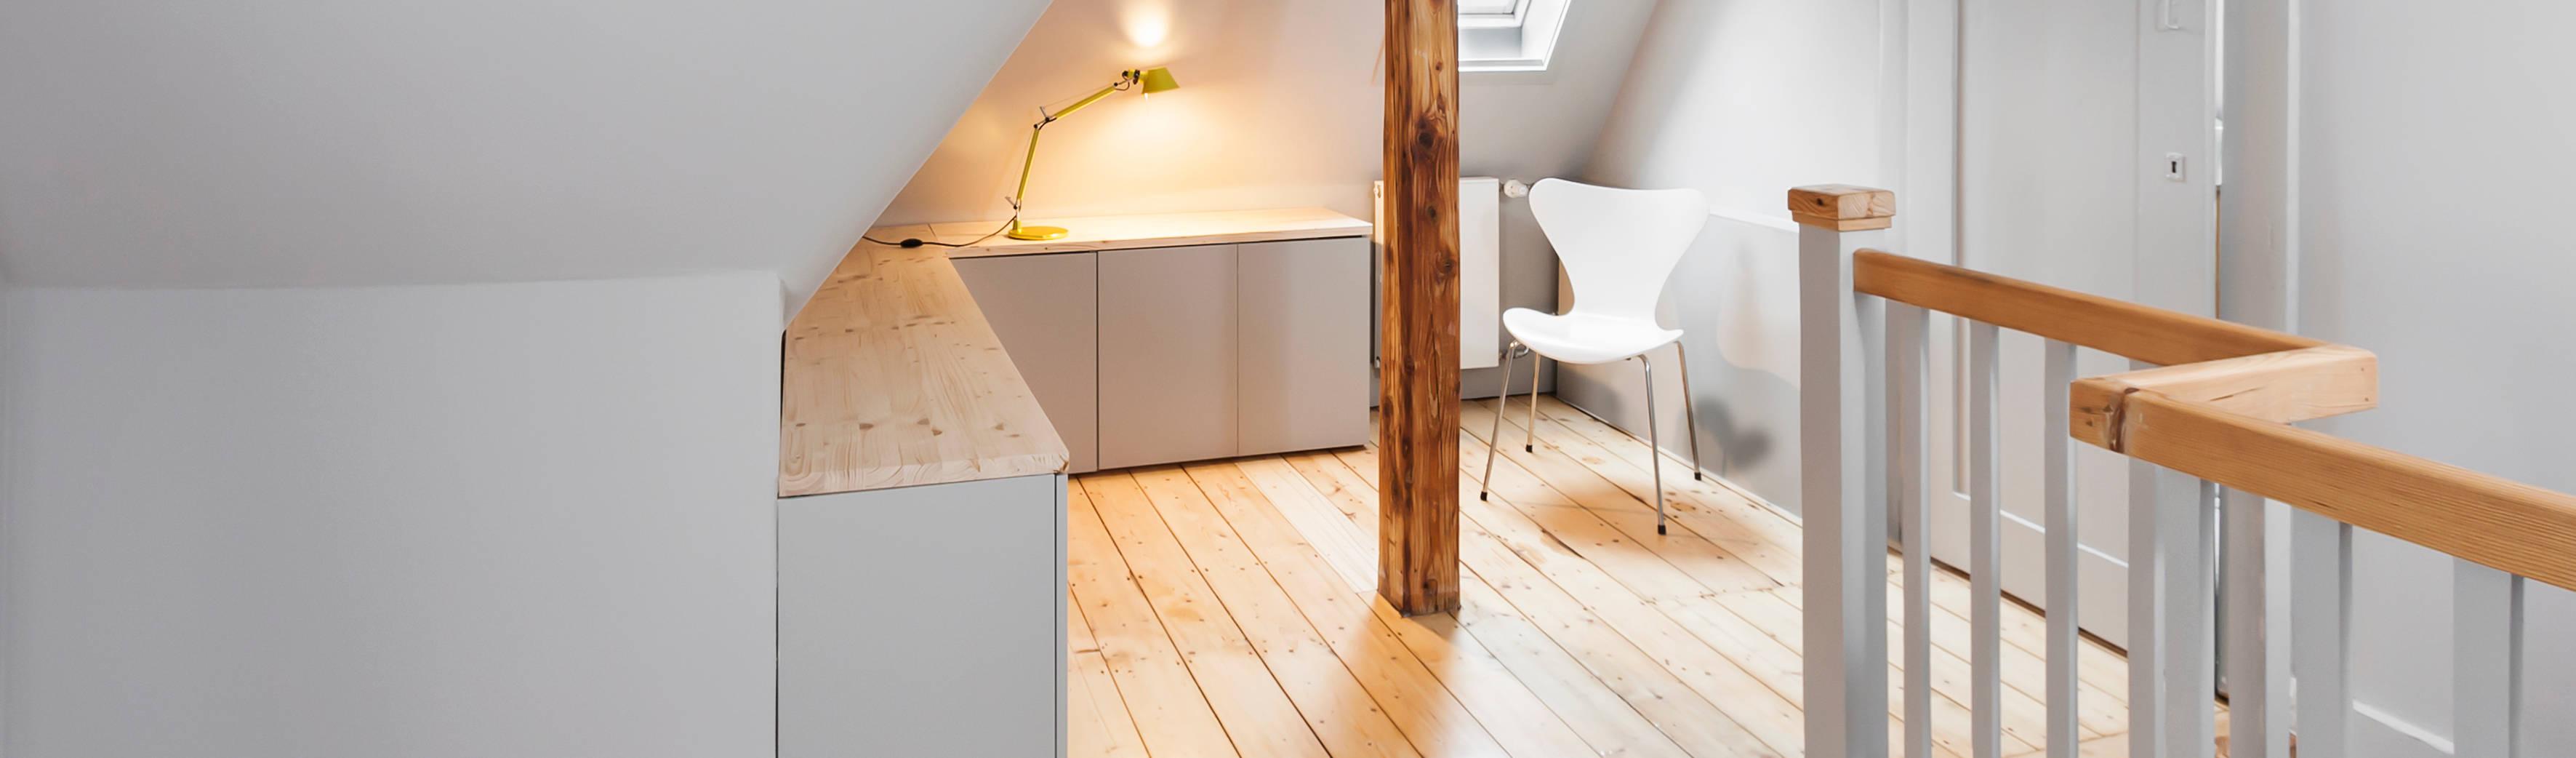 Erstaunlich Innenarchitektur Darmstadt Ideen Von Behr Raumkonzepte